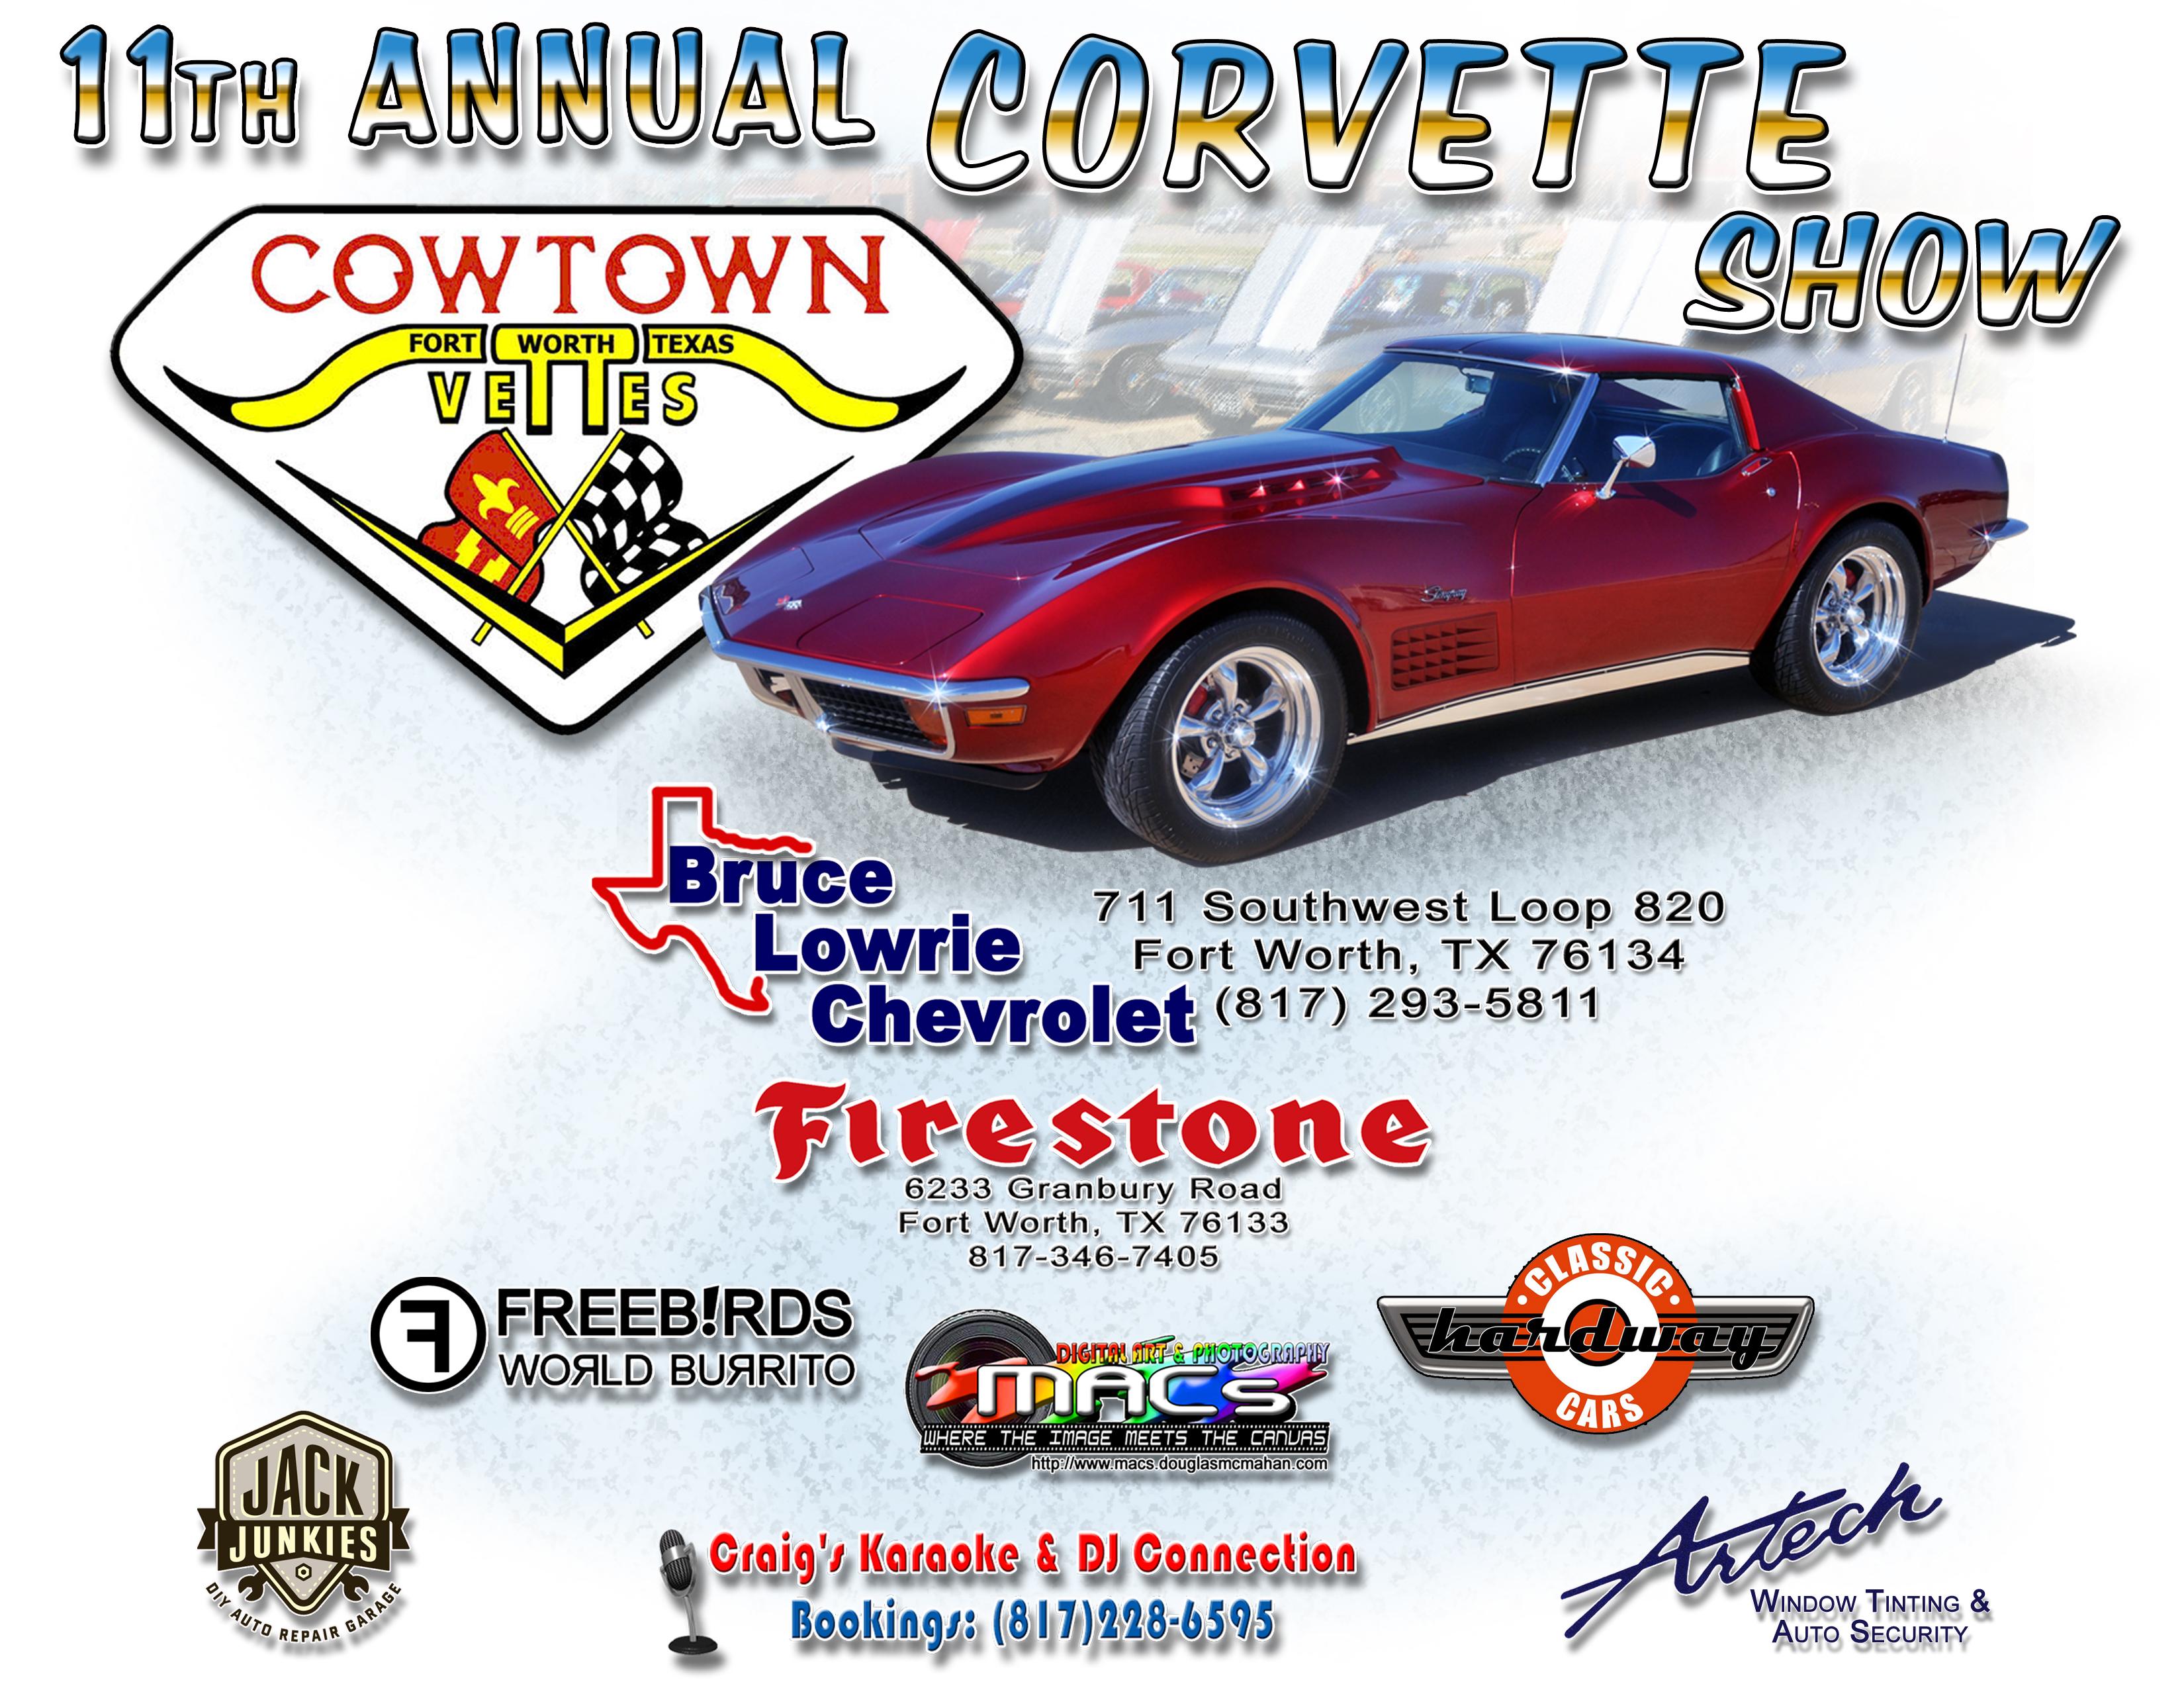 Cowtown Vettes - 16th Annual Car Show - 10/21/17 - Info